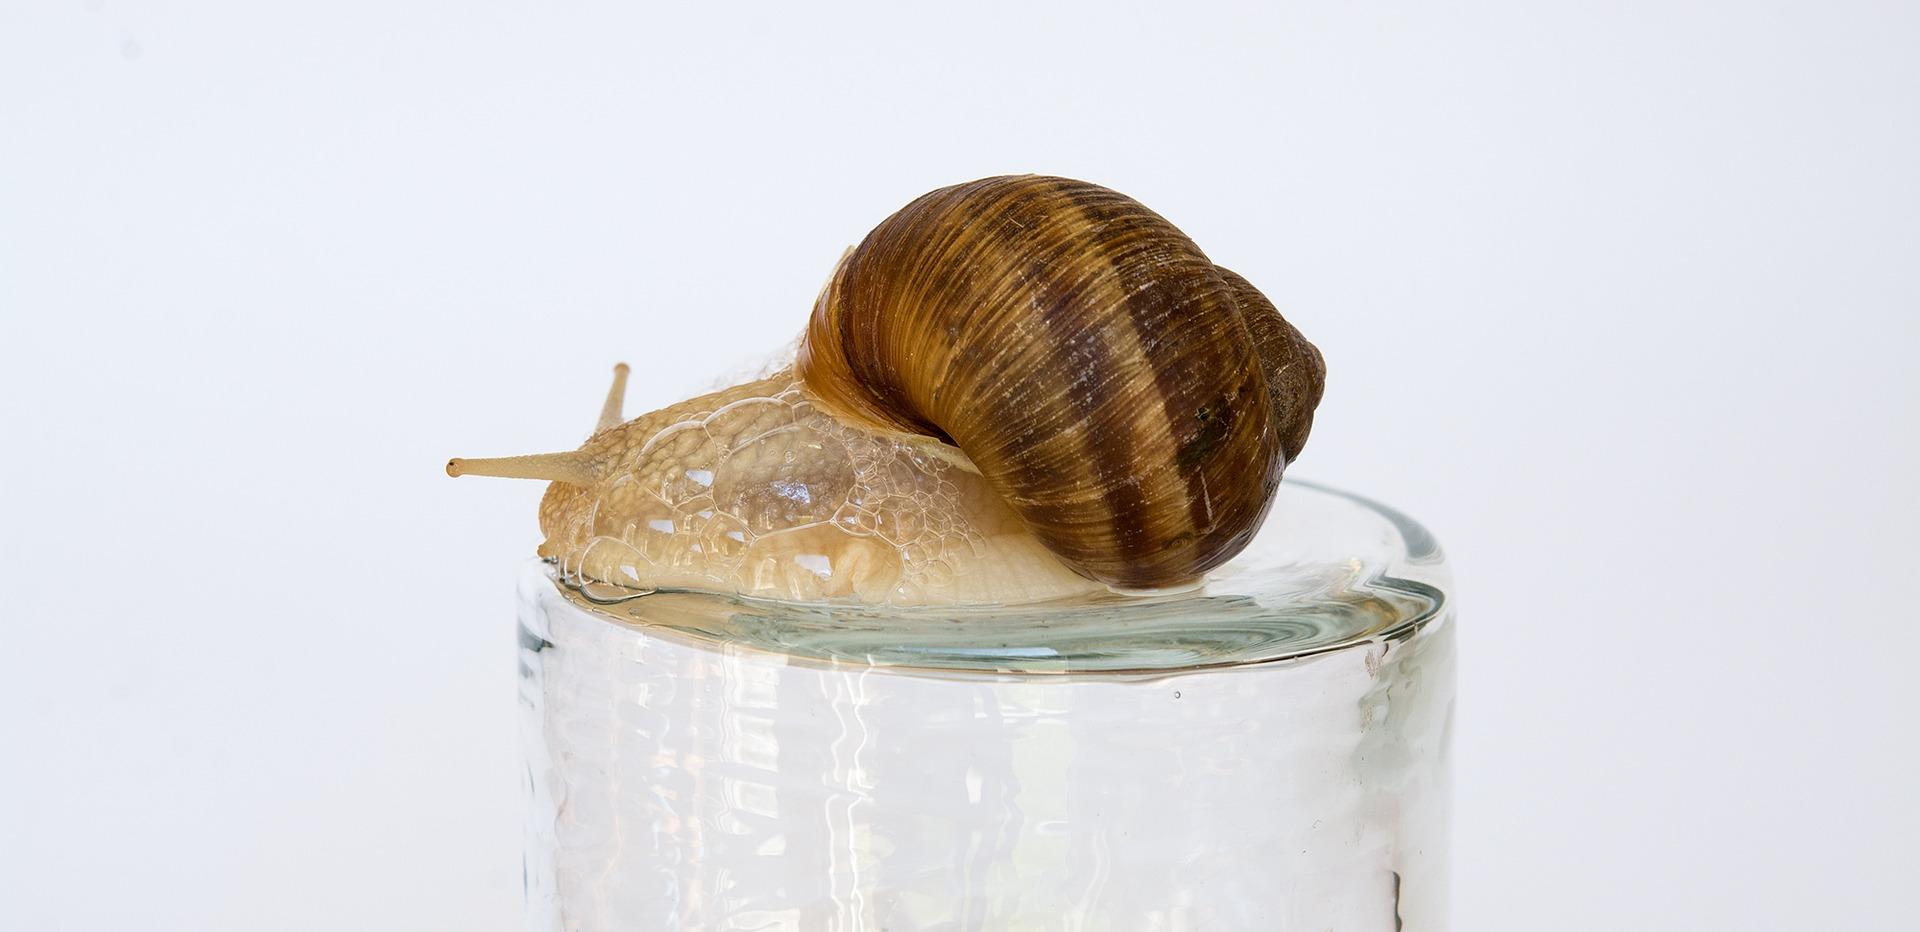 snail-1635759_1920